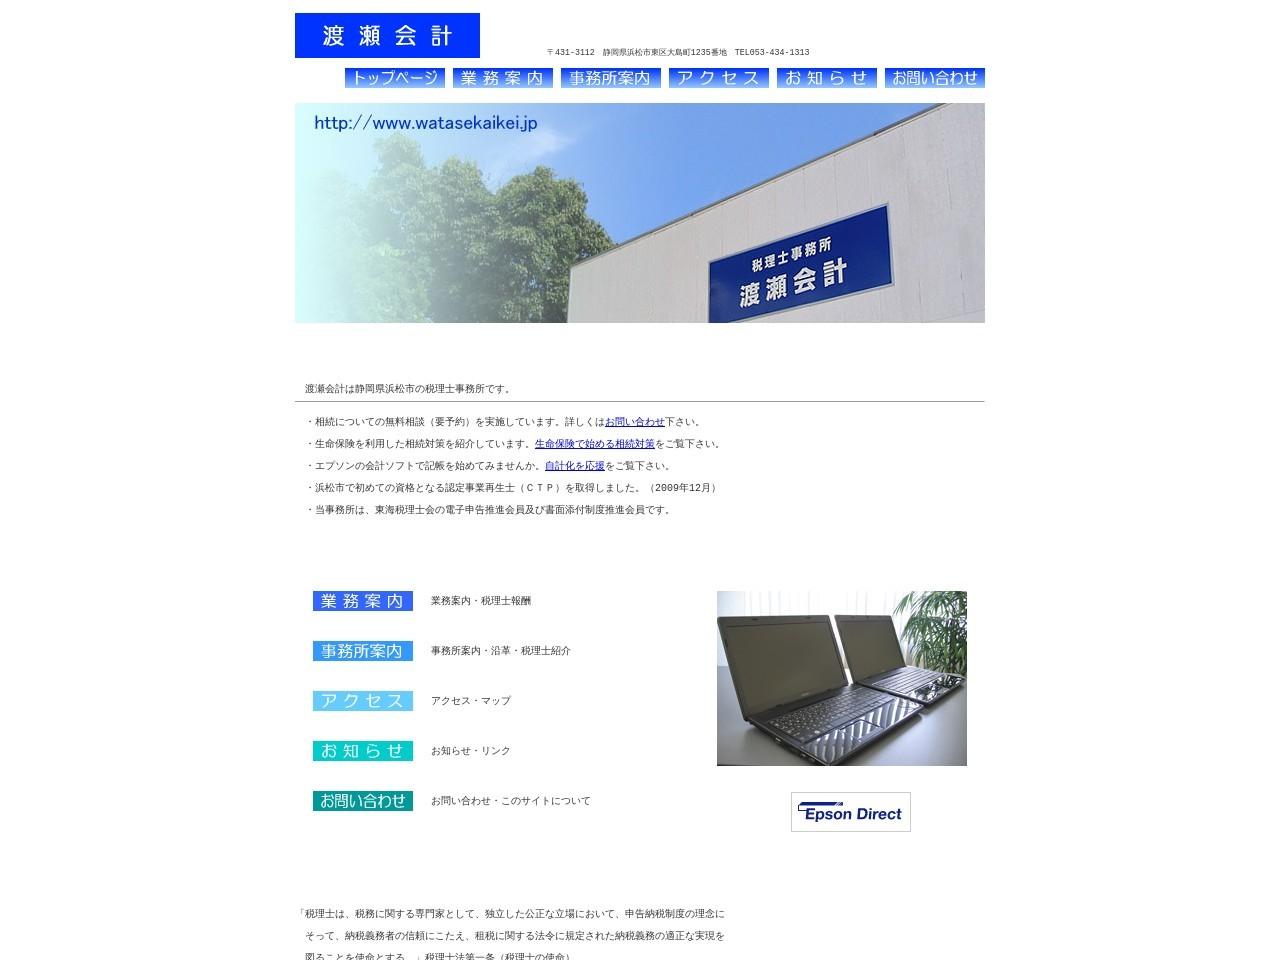 渡瀬正治税理士事務所